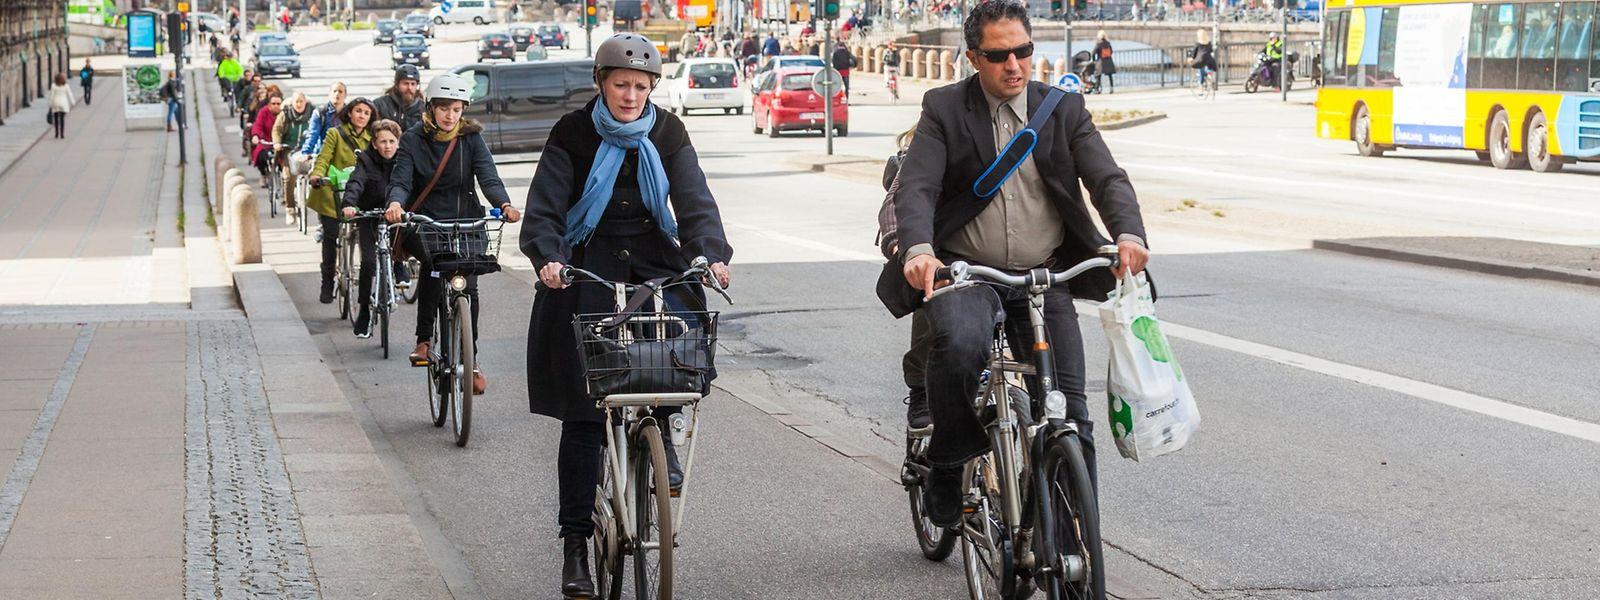 In Kopenhagen ist Radfahren äußerst beliebt.